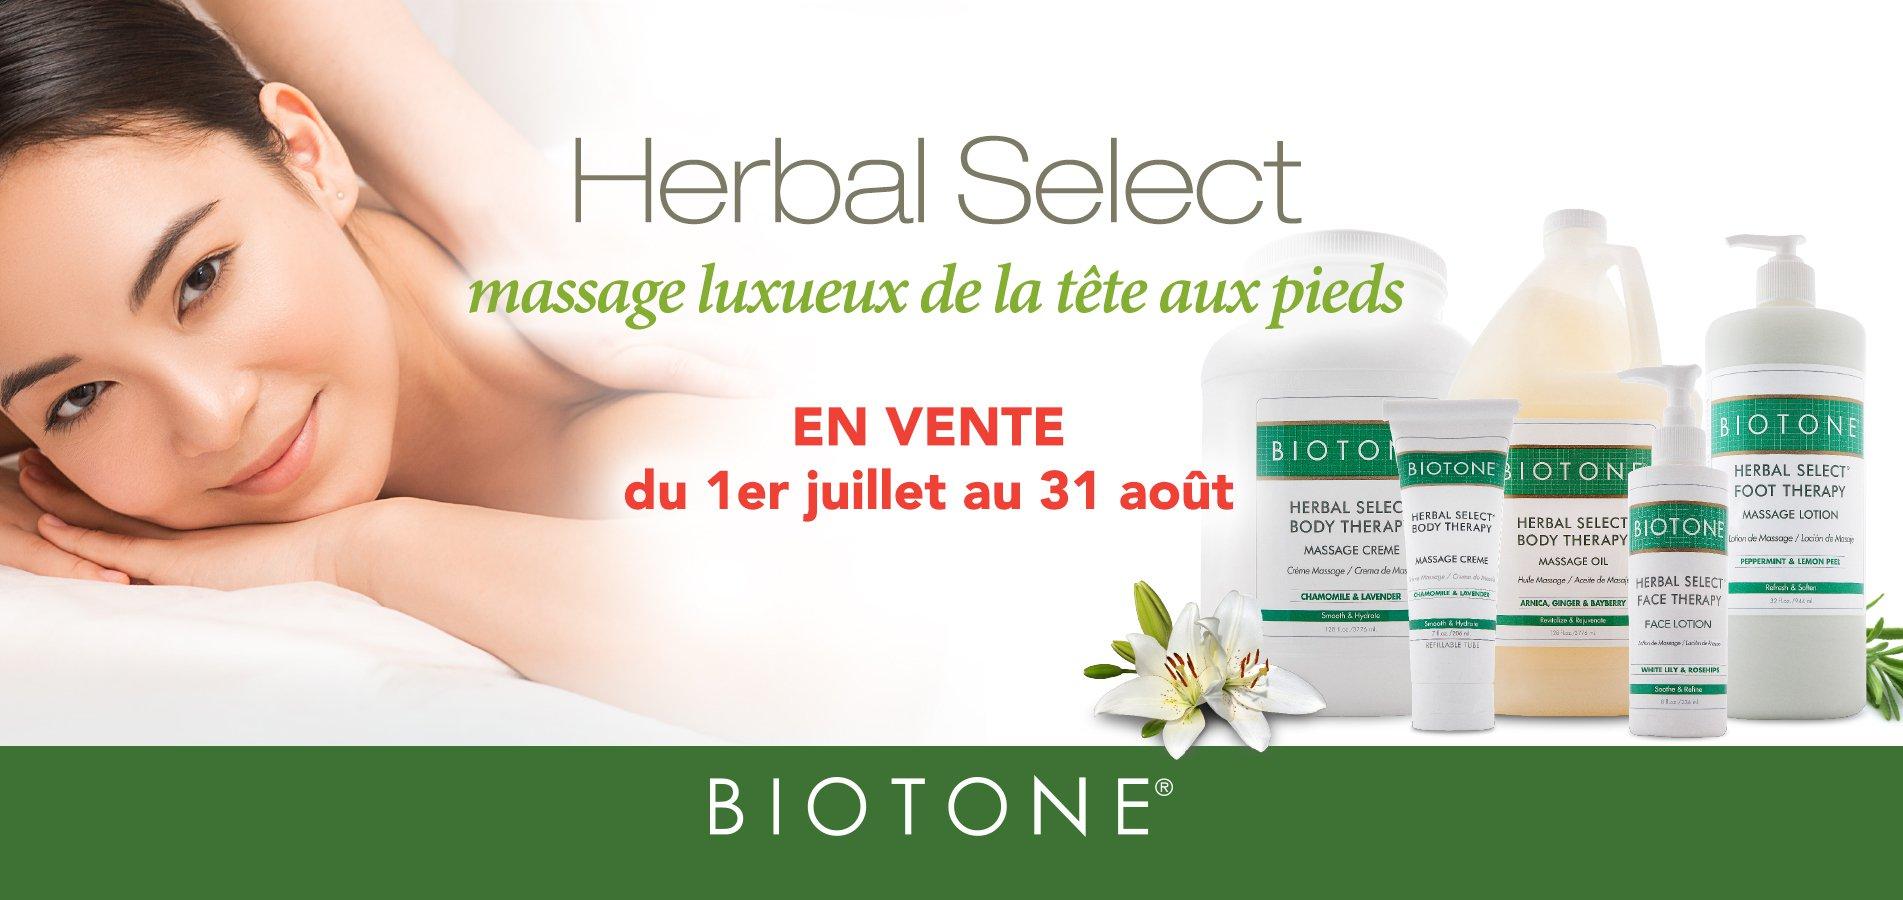 Promotion sur la gamme Herbal Select de Biotone!